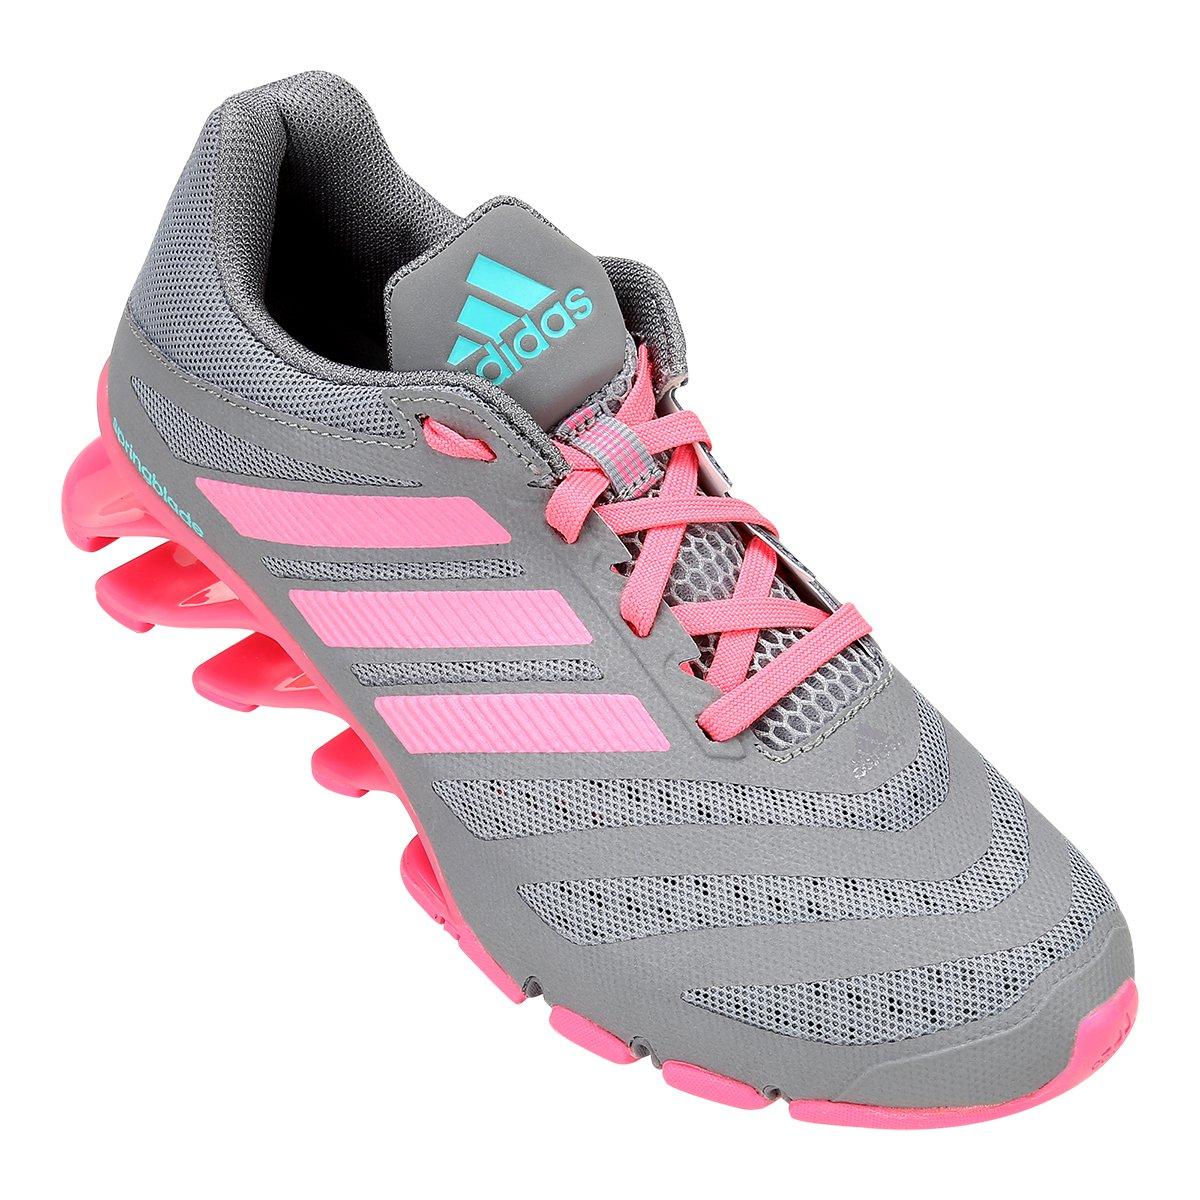 ca0d6fa5692 ... australia tênis adidas springblade ff juvenil compre agora netshoes  f934f bca10